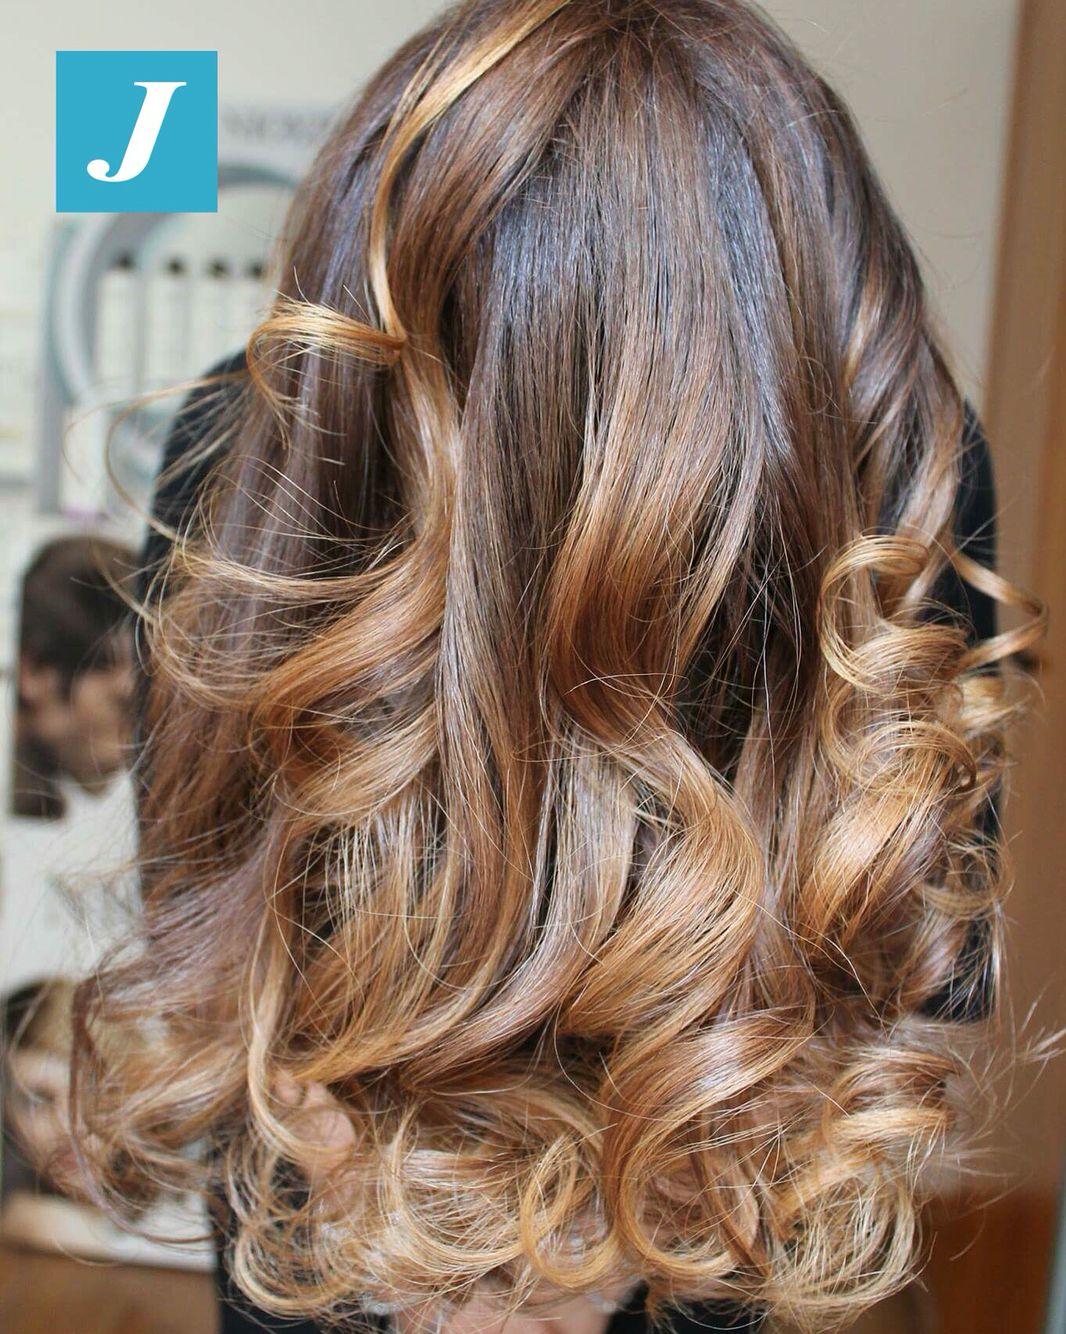 Le nostre amiche ci chiedono capelli sani e un colore bellissimo e non artefatto...e noi proponiamo loro il Degradé Joelle! #cdj #degradejoelle #tagliopuntearia #degradé #igers #musthave #hair #hairstyle #haircolour #longhair #ootd #hairfashion #madeinitaly #wellastudionyc